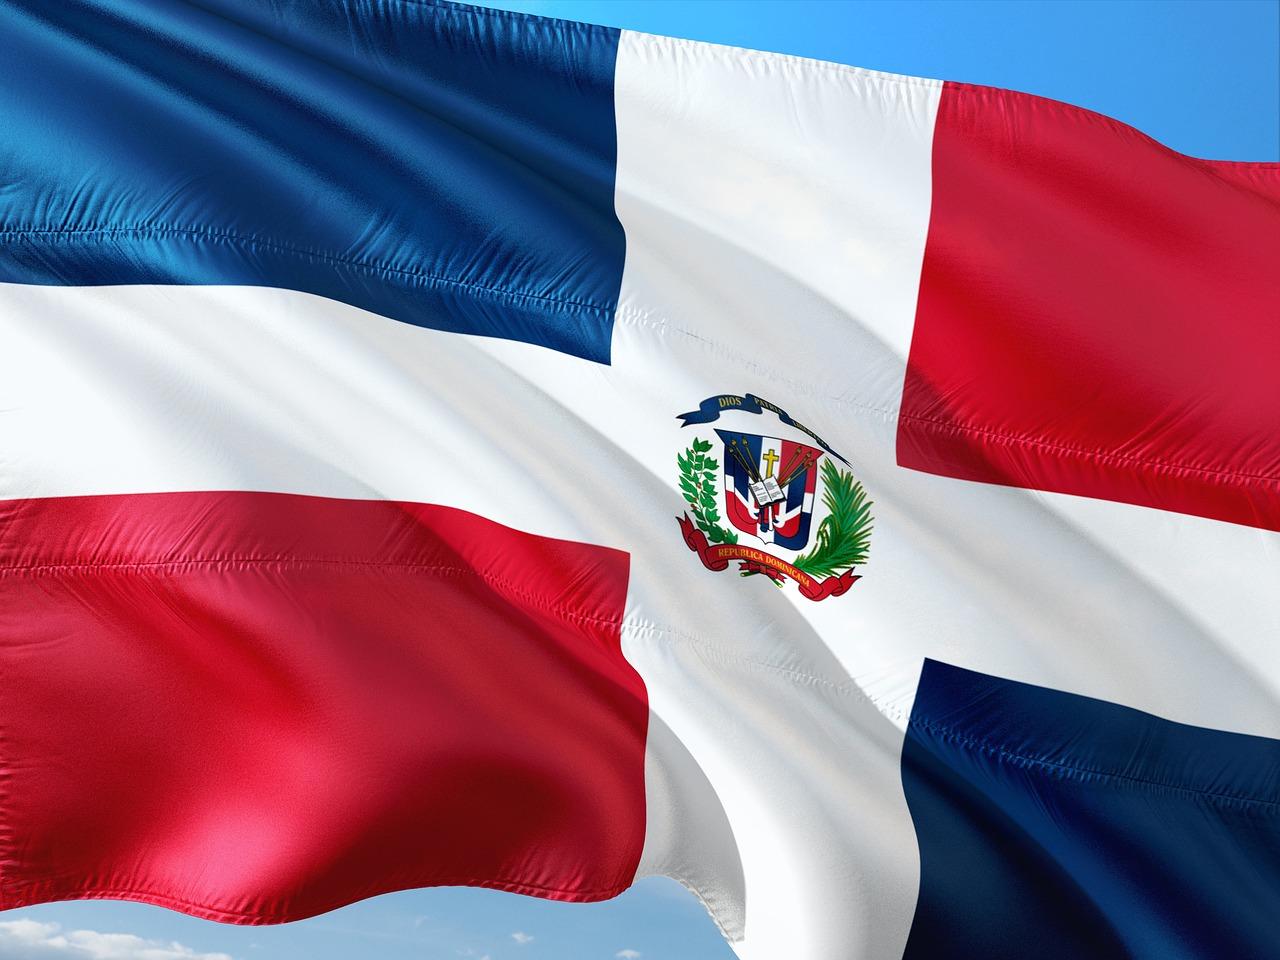 República Dominicana flexibiliza las restricciones pese al aumento de casos